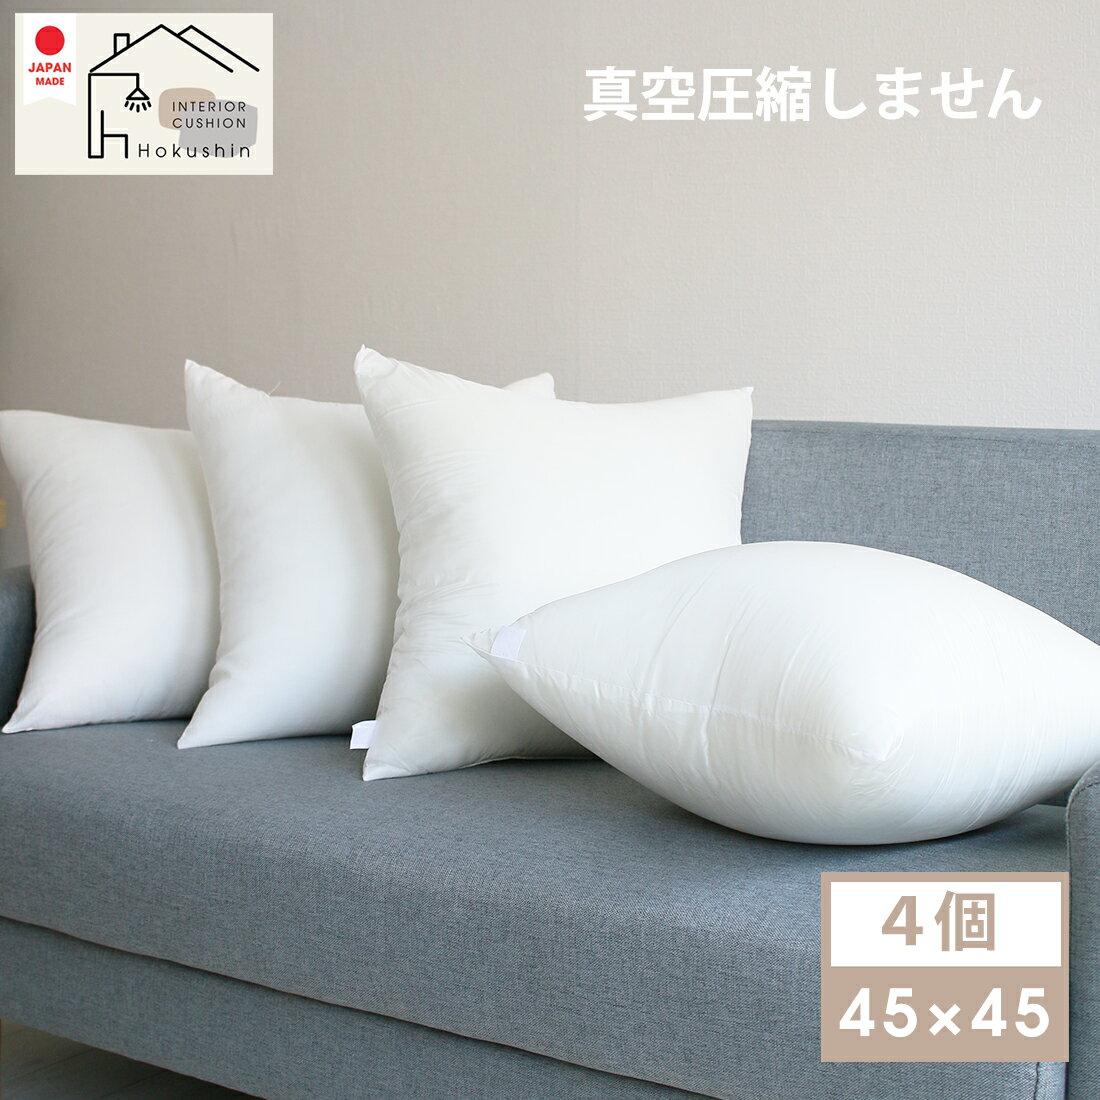 ヌードクッション 肉厚 45×45 4個セット 日本製 東レFT綿使用 ふっかふかのままお届け 送料無料 クッション 中身 背当て 佐川またはヤマト便